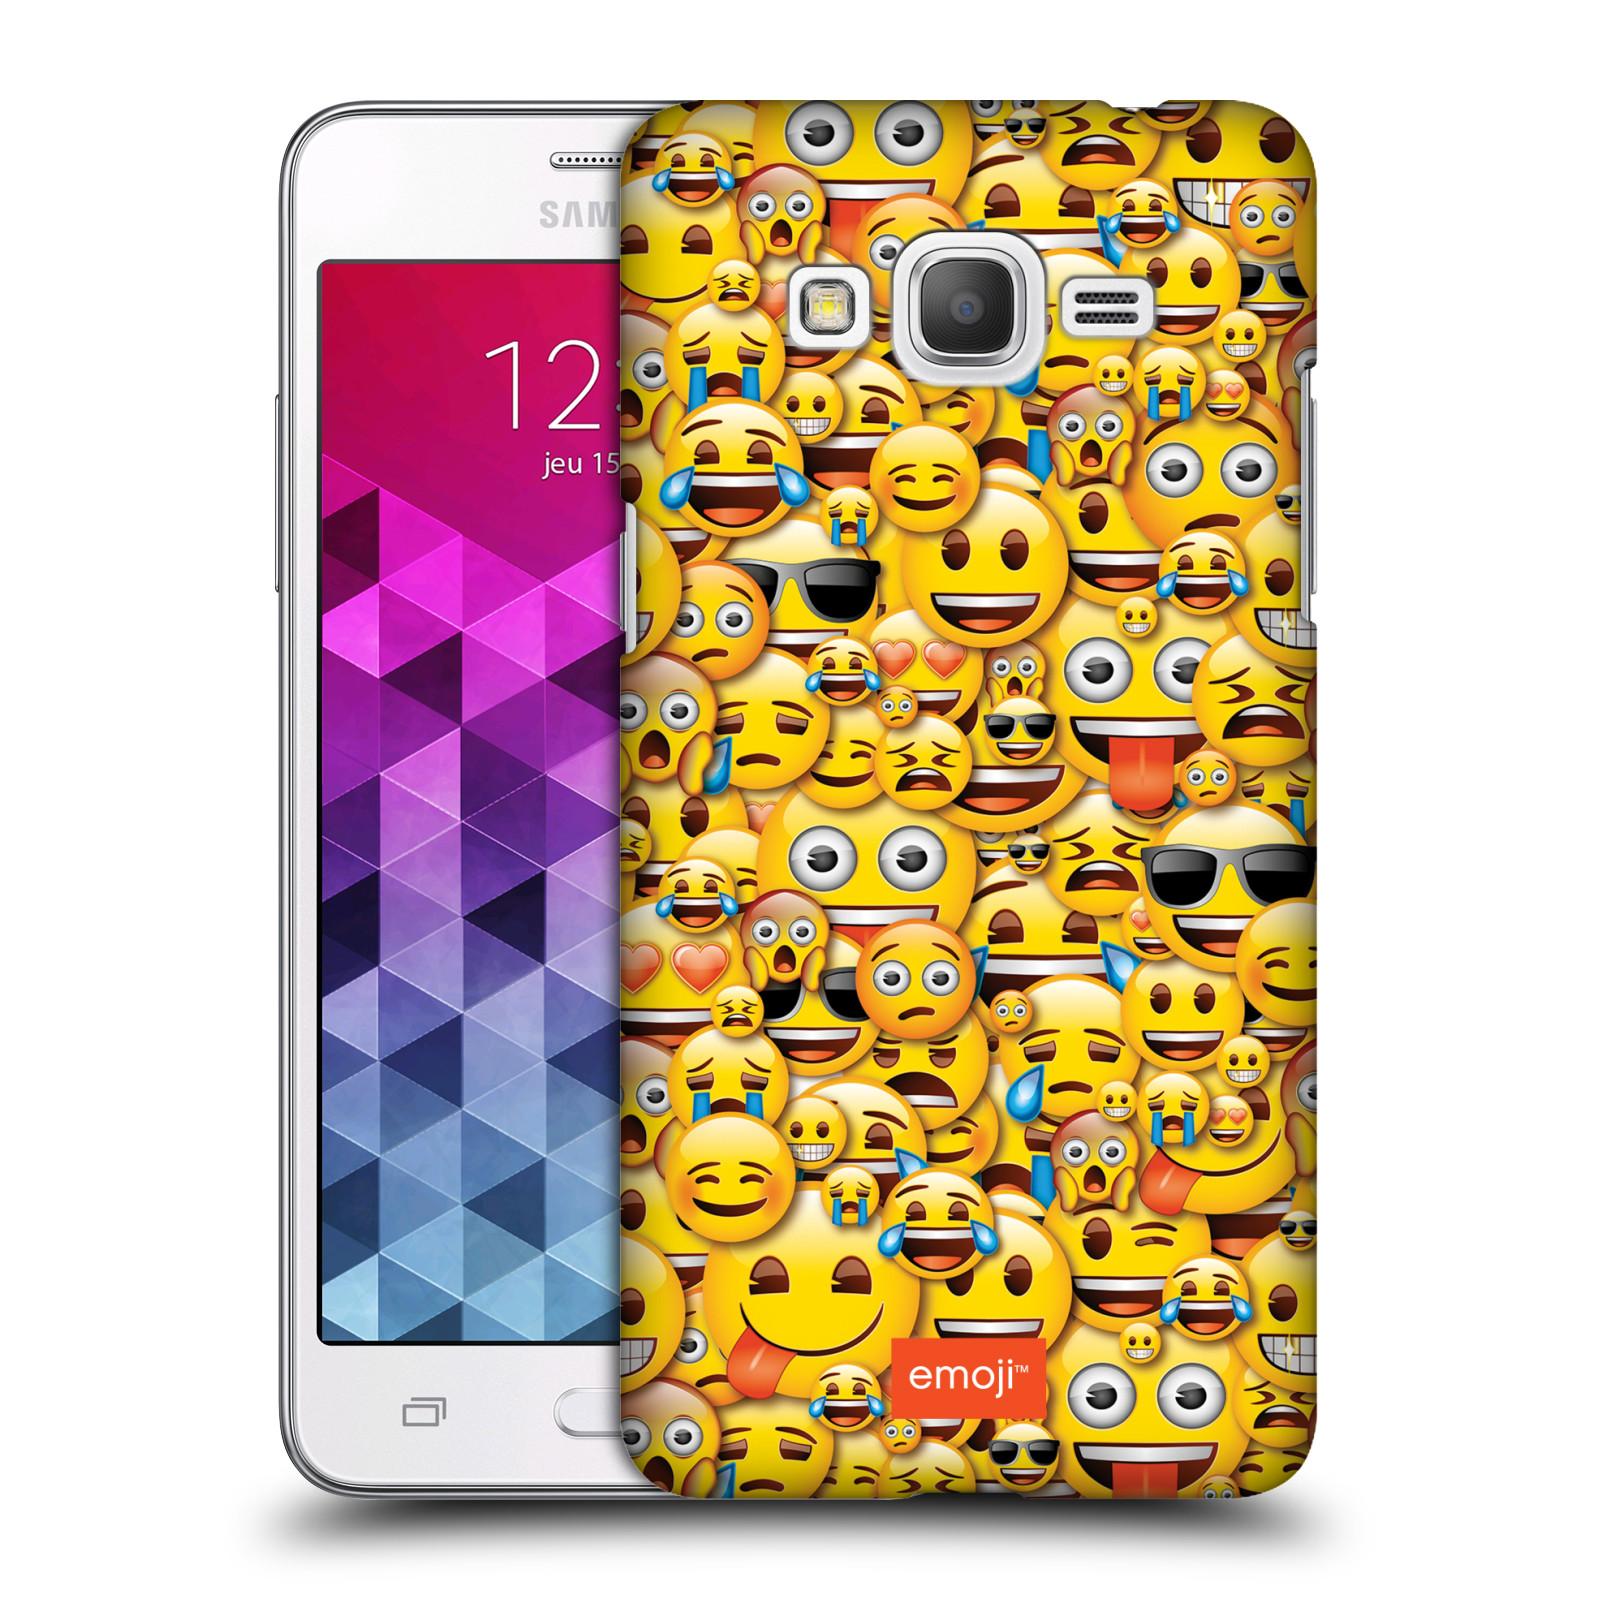 Plastové pouzdro na mobil Samsung Galaxy Grand Prime HEAD CASE EMOJI - Mnoho malých smajlíků